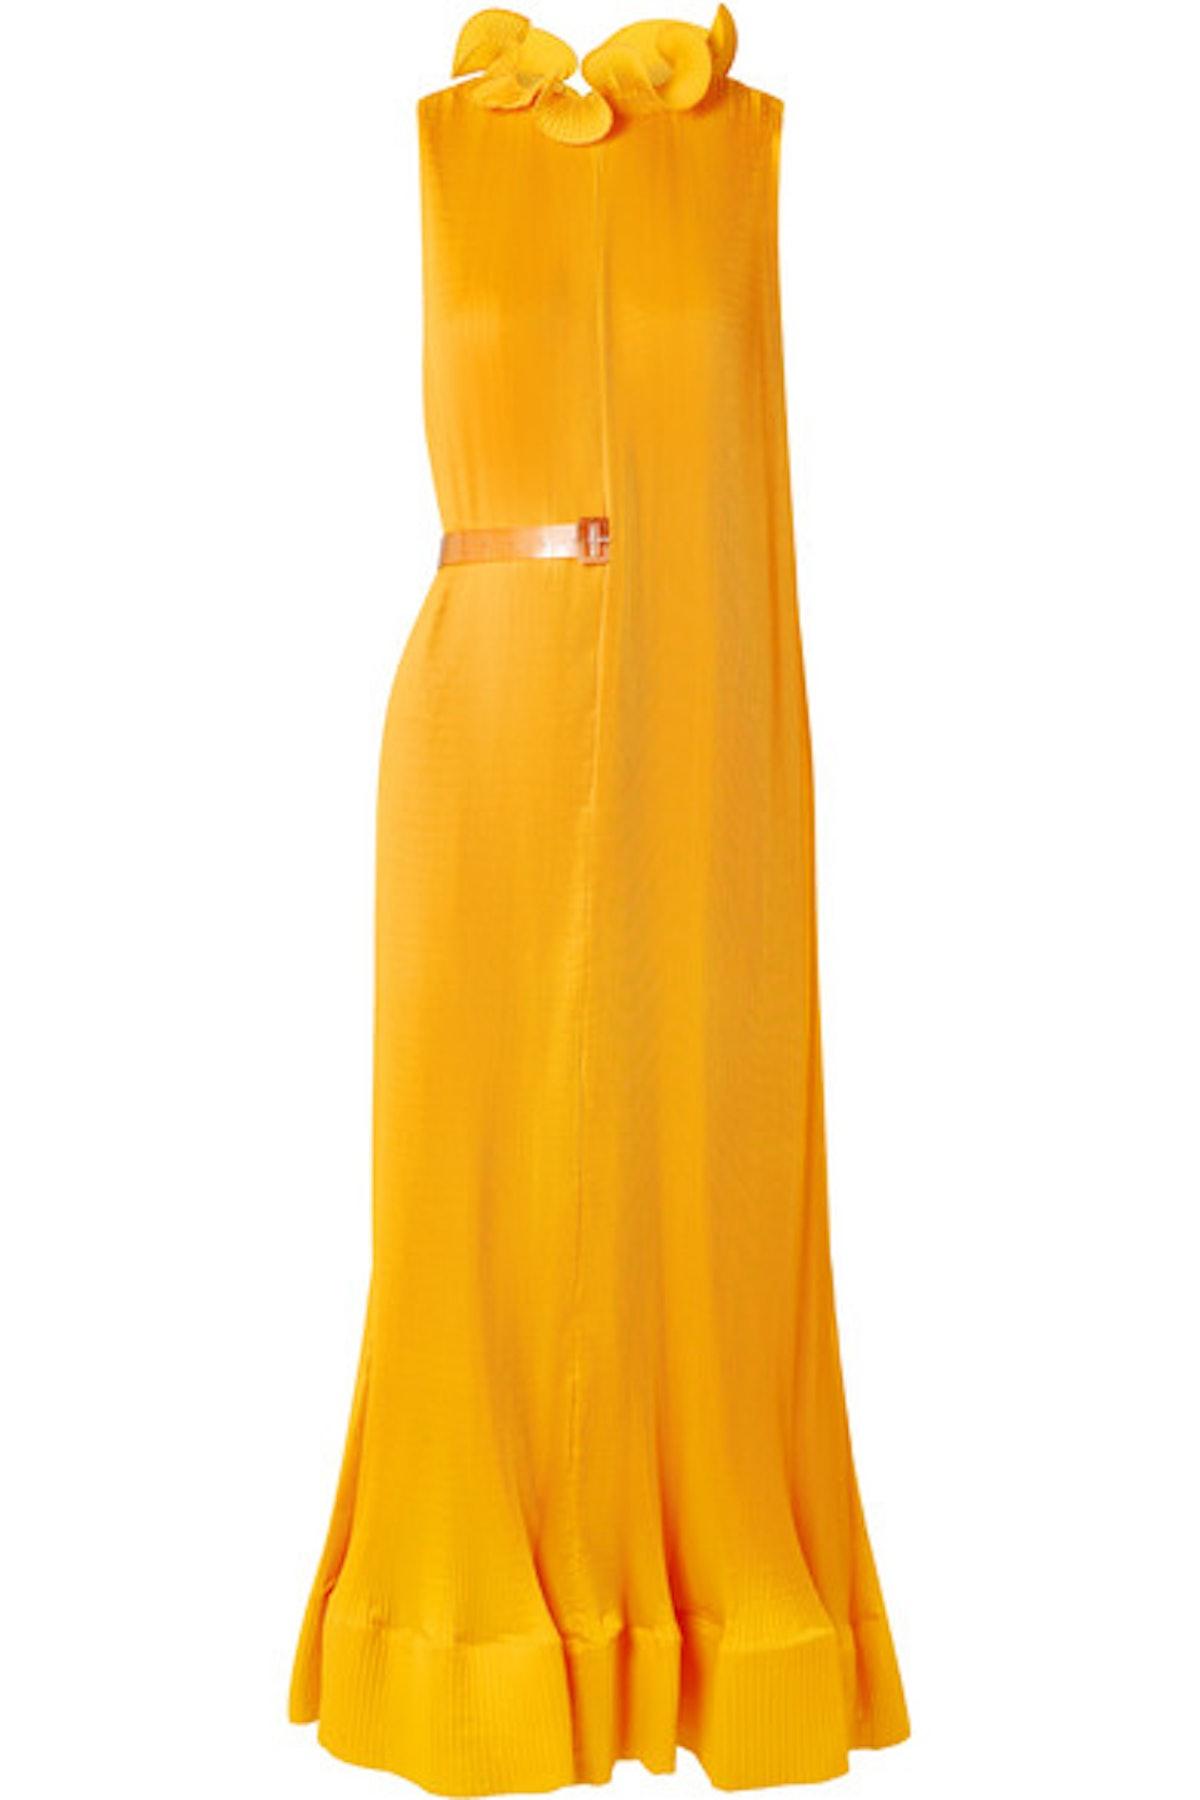 Tibi Ruffled Plissé-Satin Midi Dress